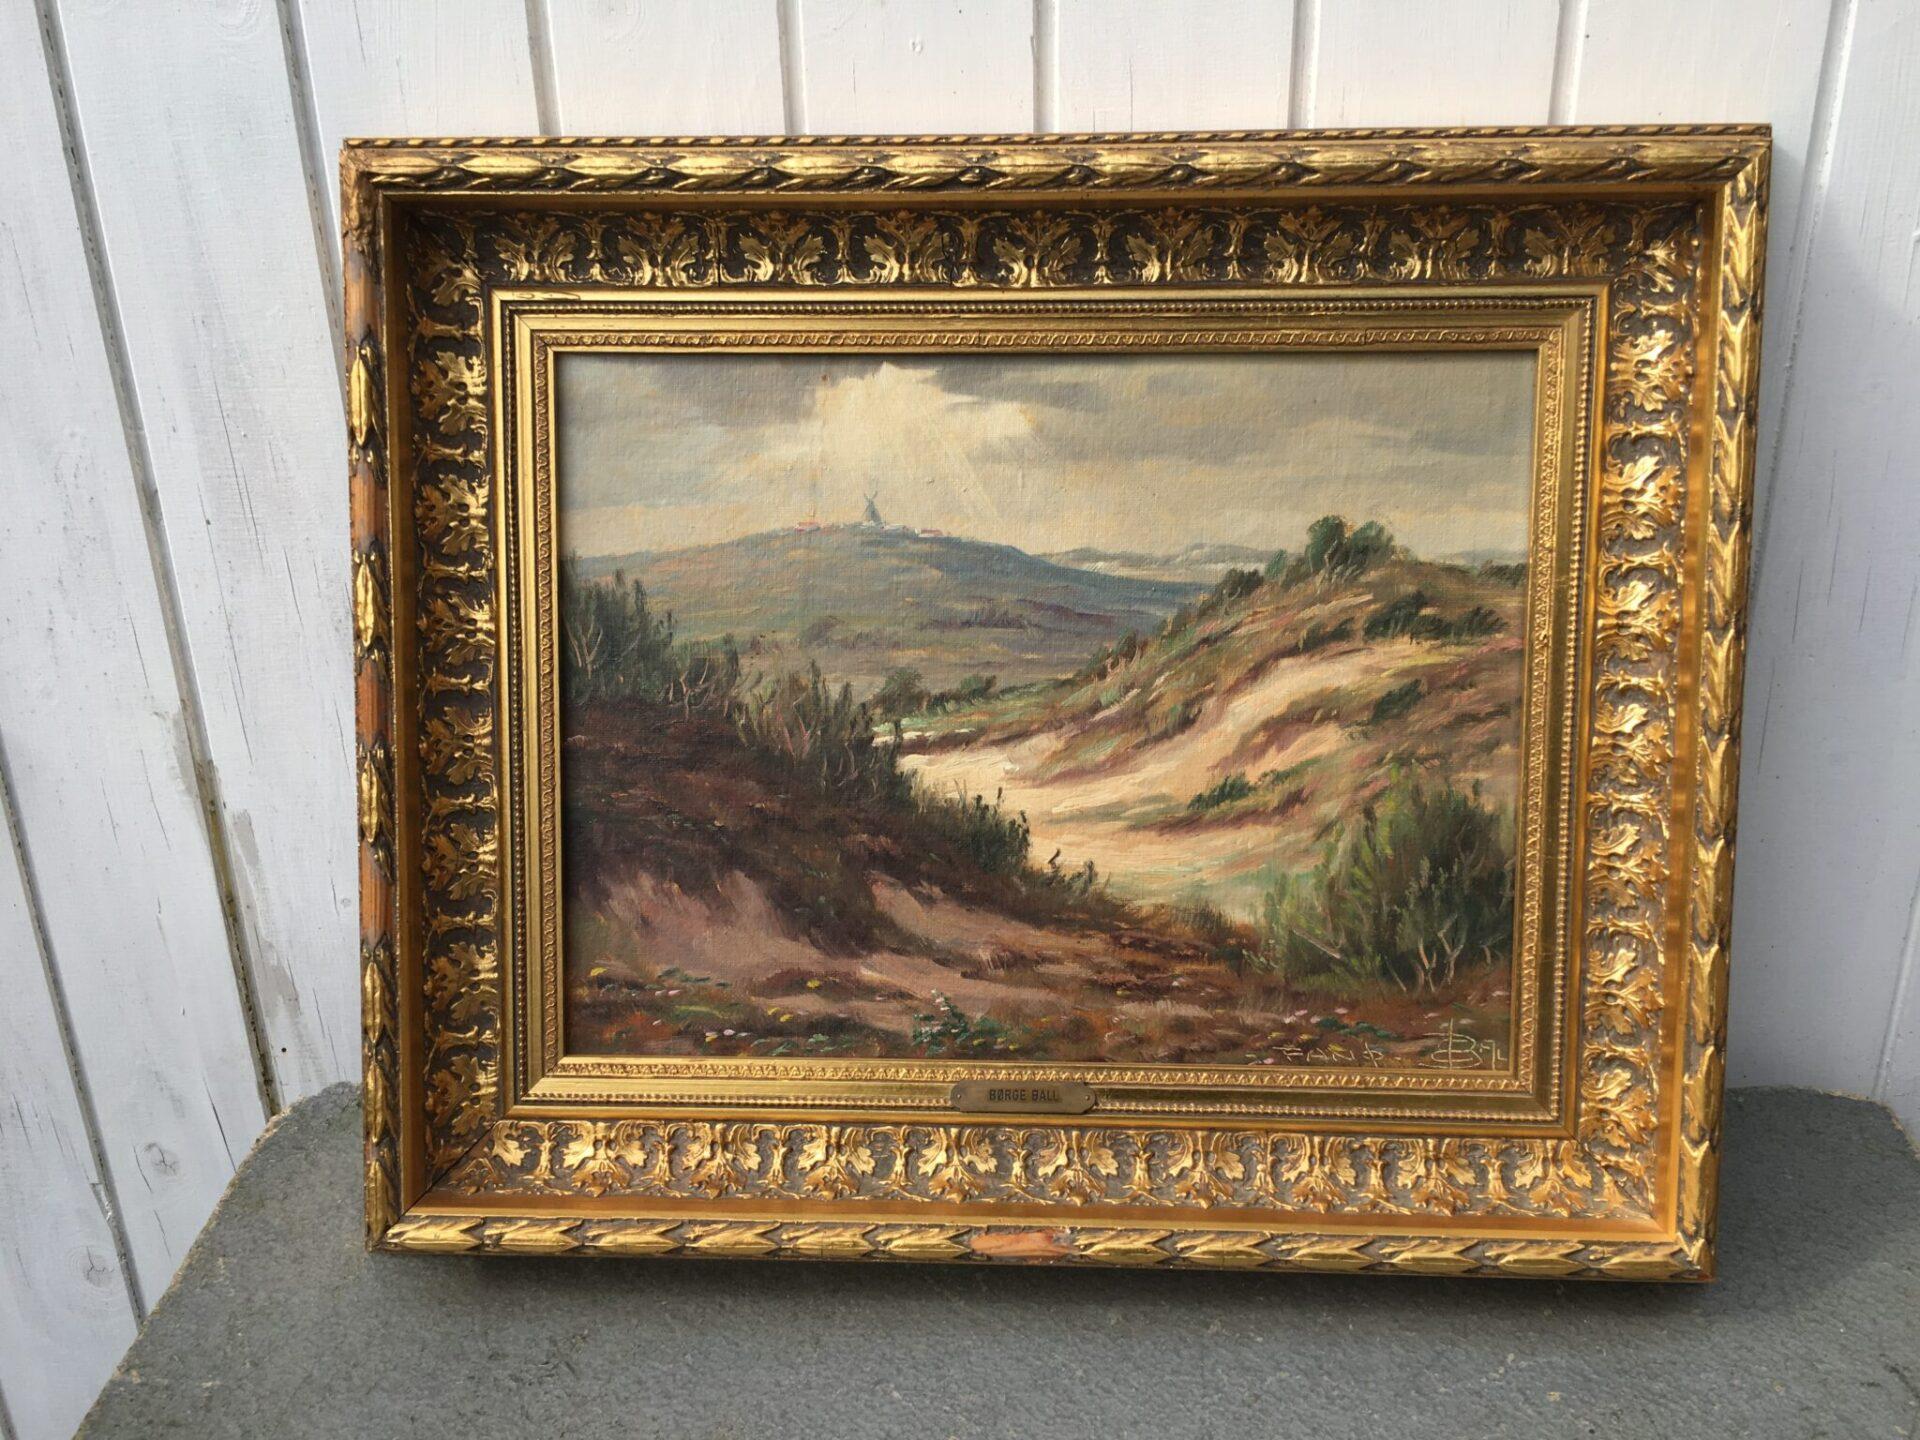 Børge Ball, maleri, motiv fra Fanø pris 400 kr. Rammemål 55 x47 cm  (Sønderho Mølle)